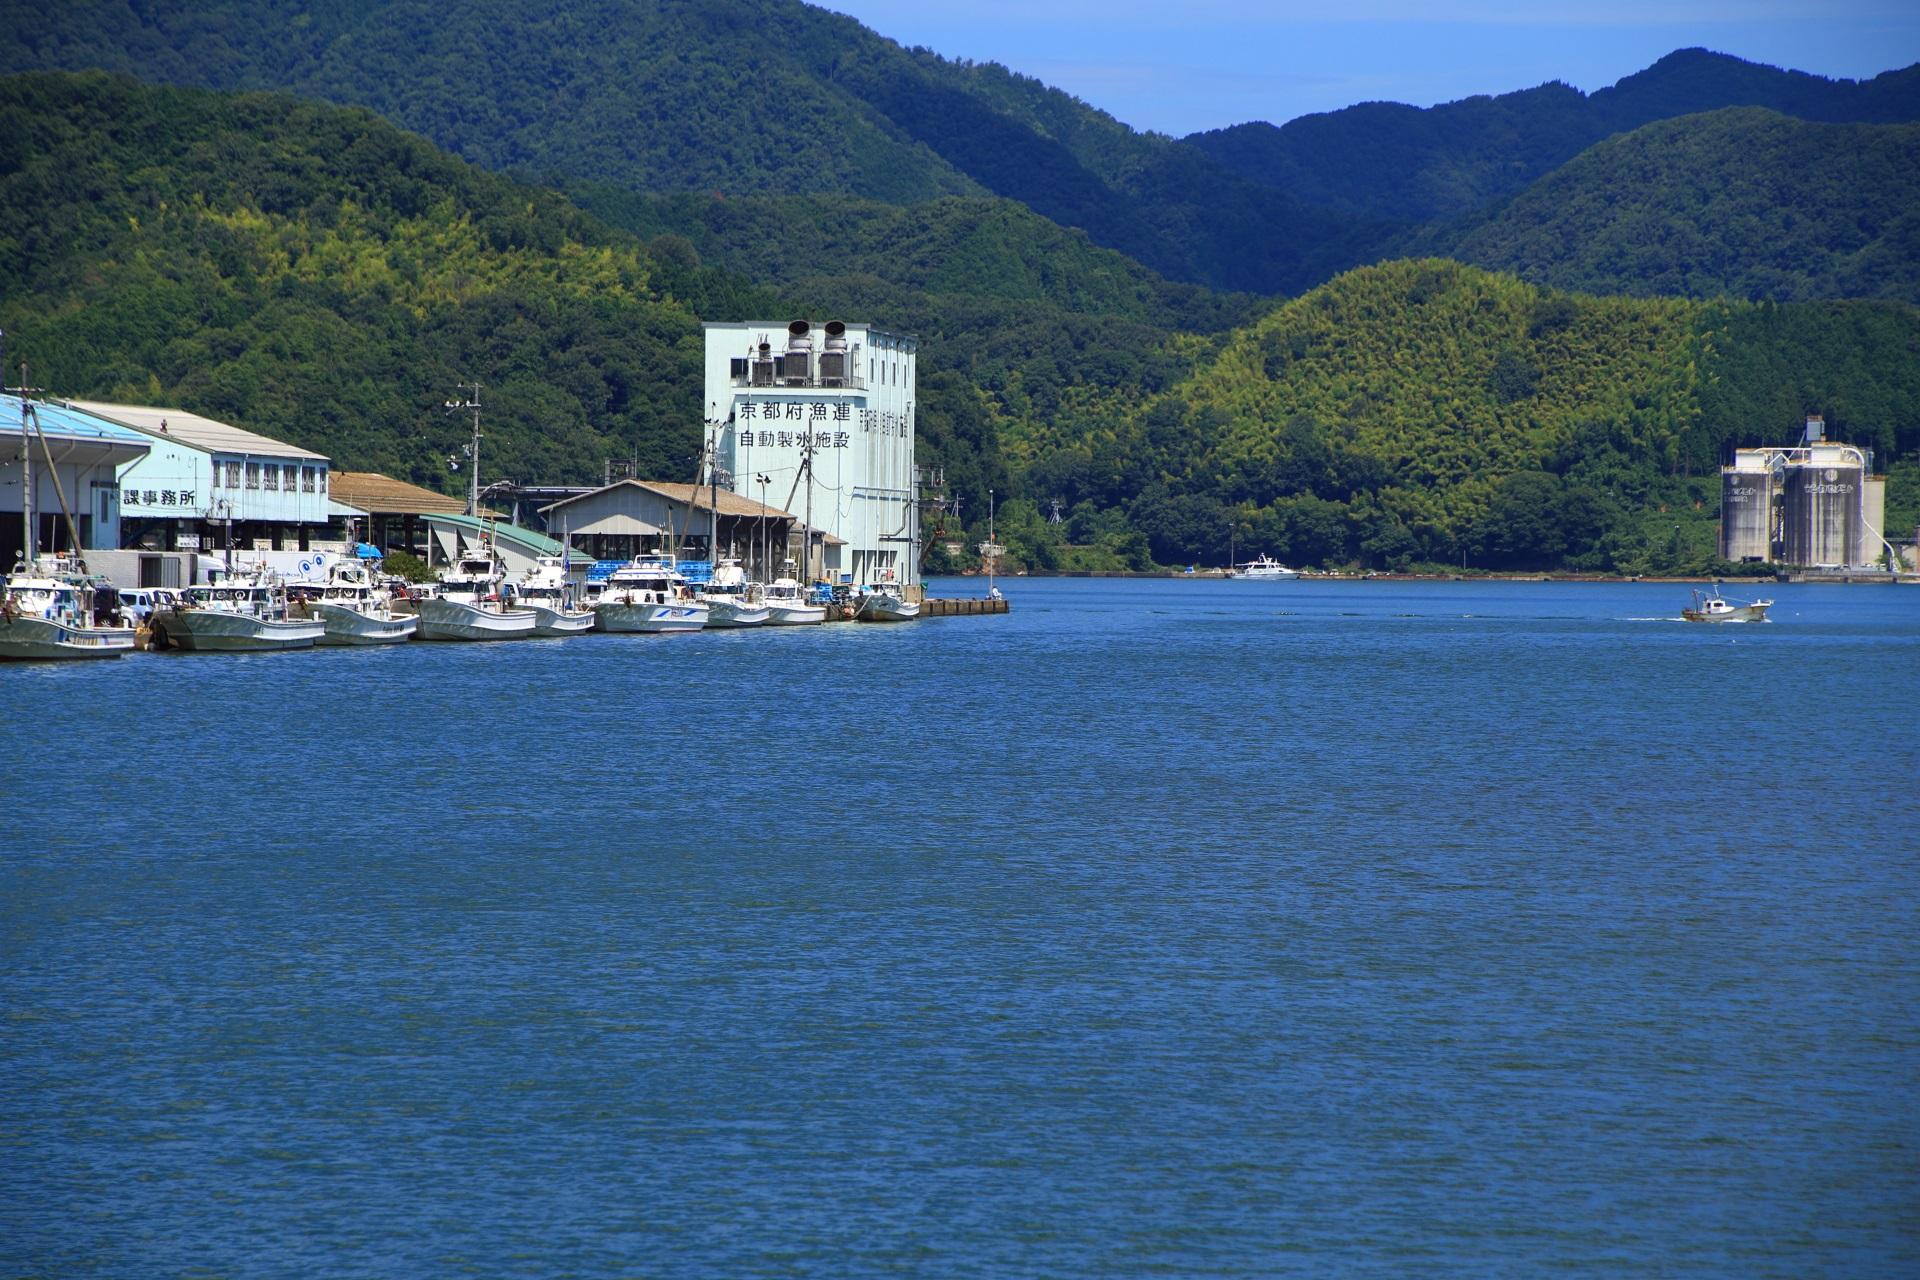 山に囲まれた西舞鶴港の水と緑の長閑な風景